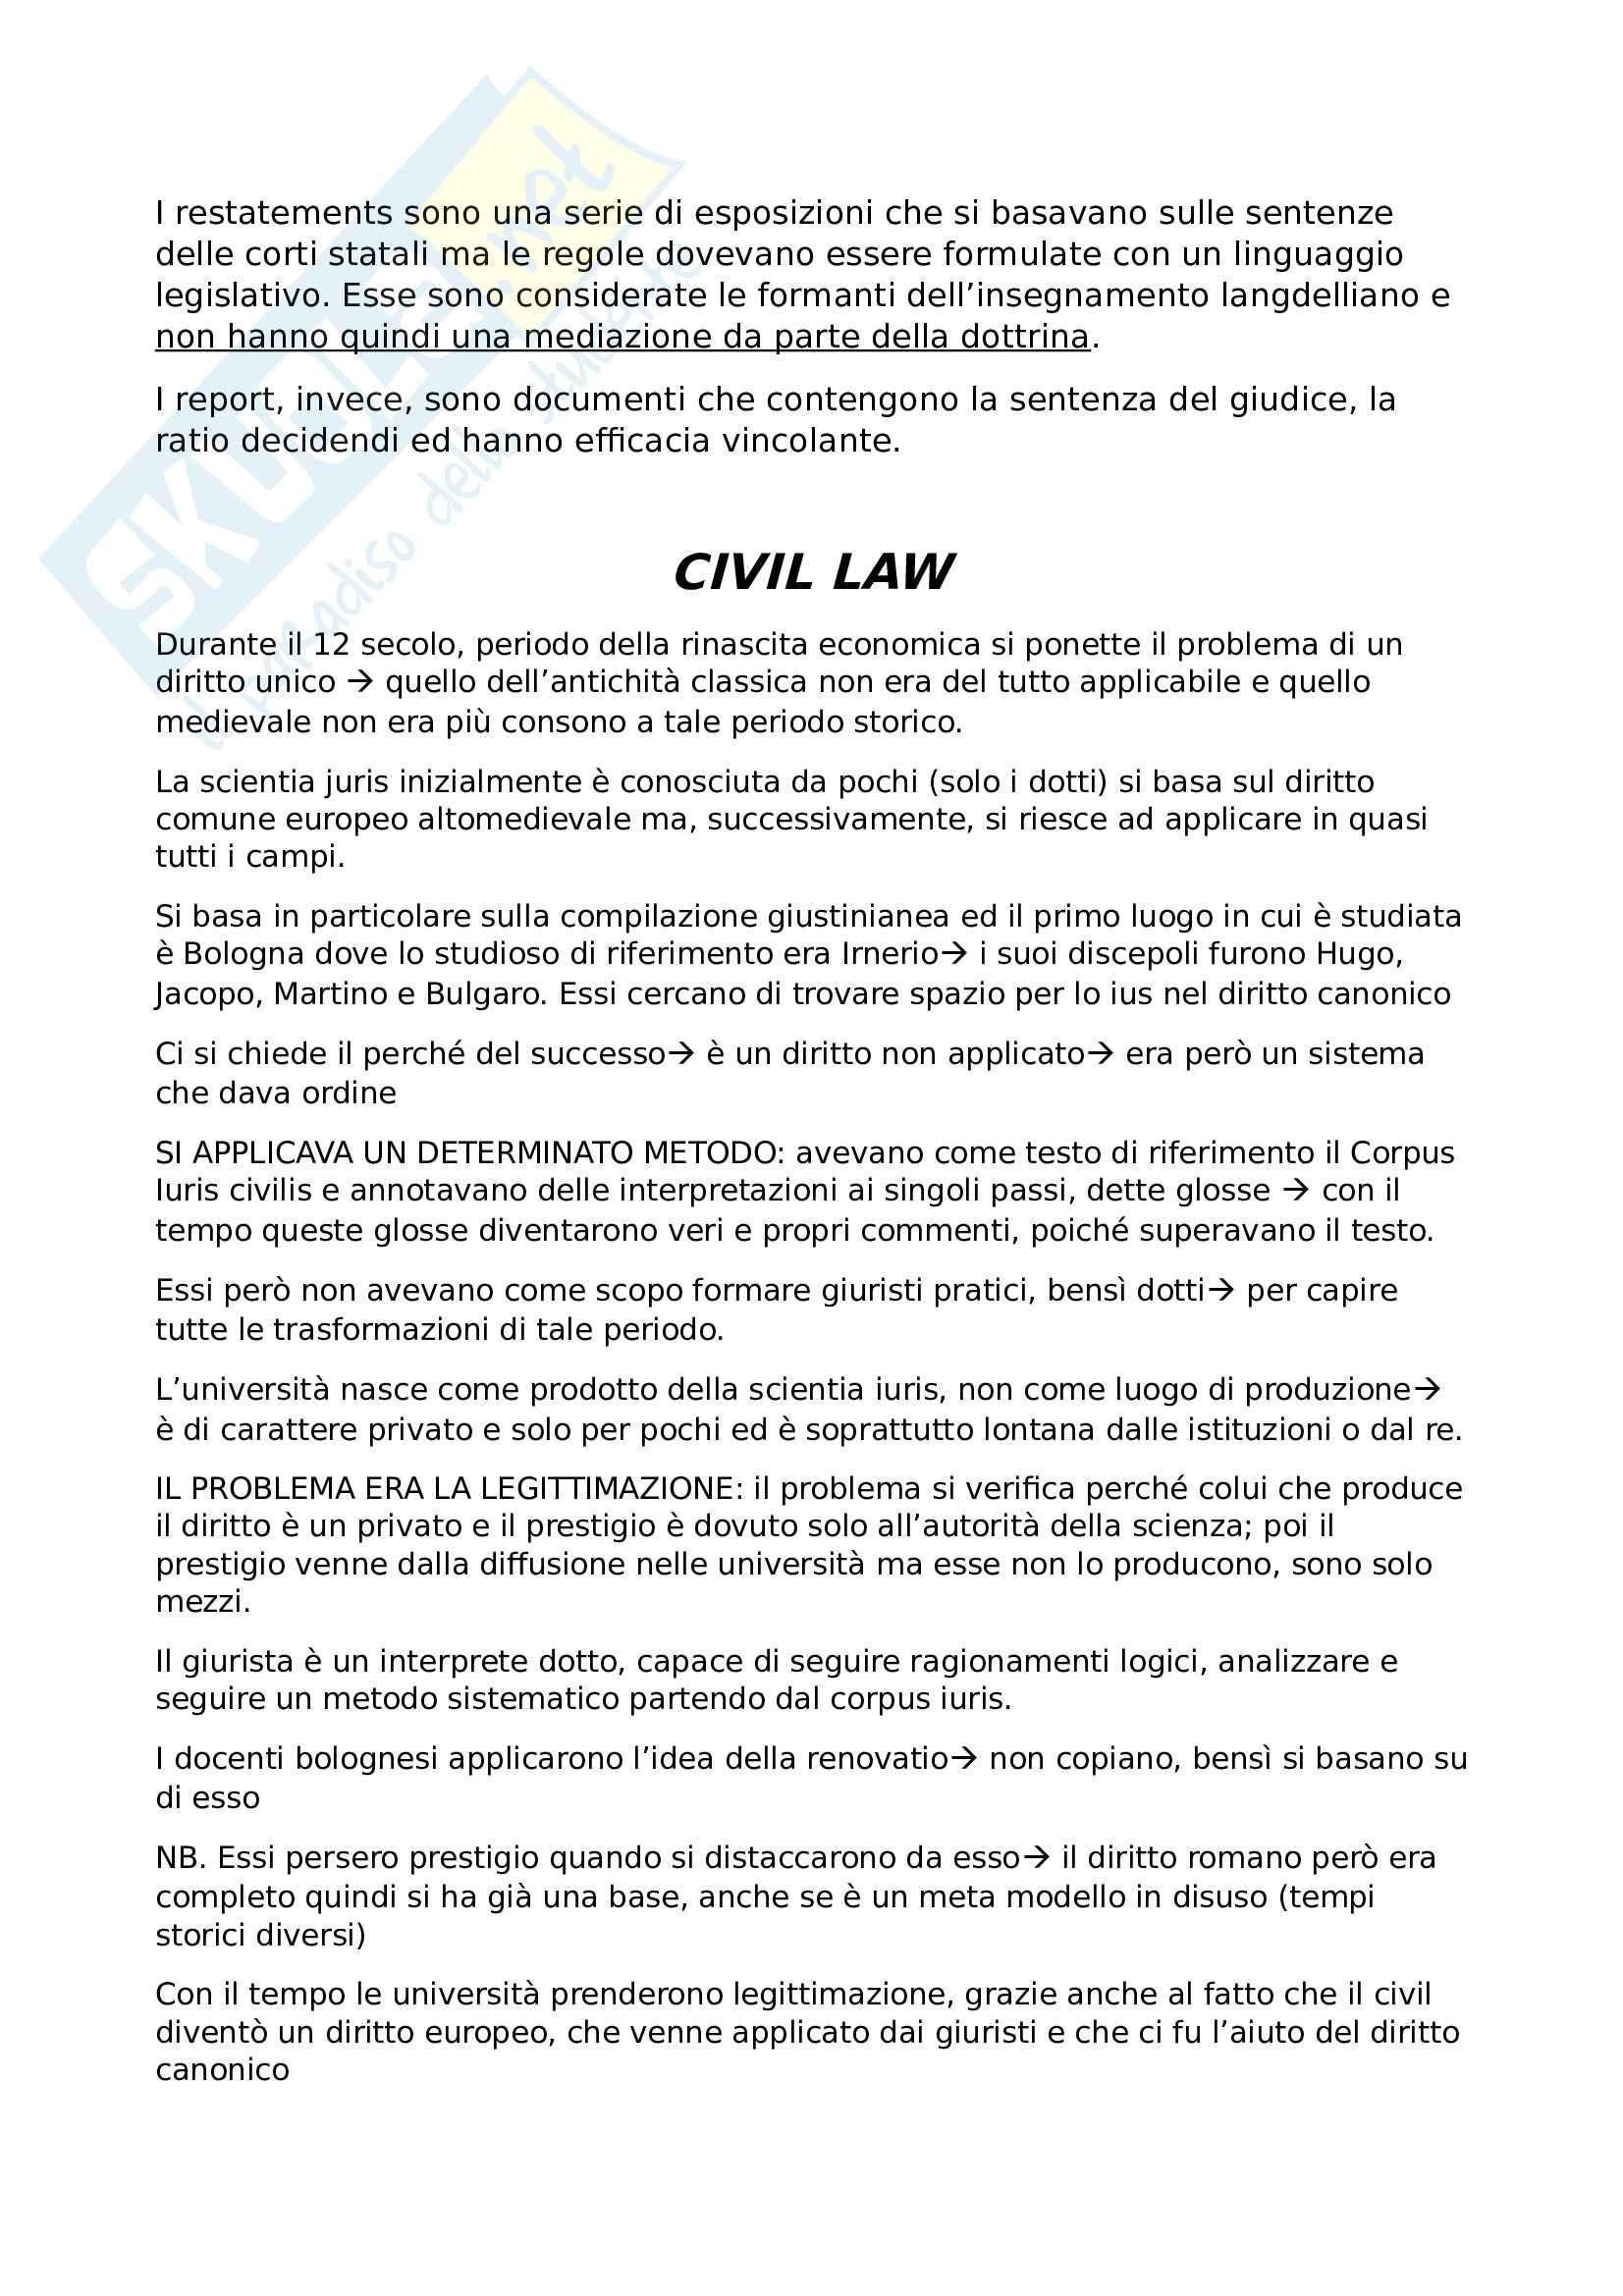 Domande e risposte Sistemi giuridici comparati Pag. 6